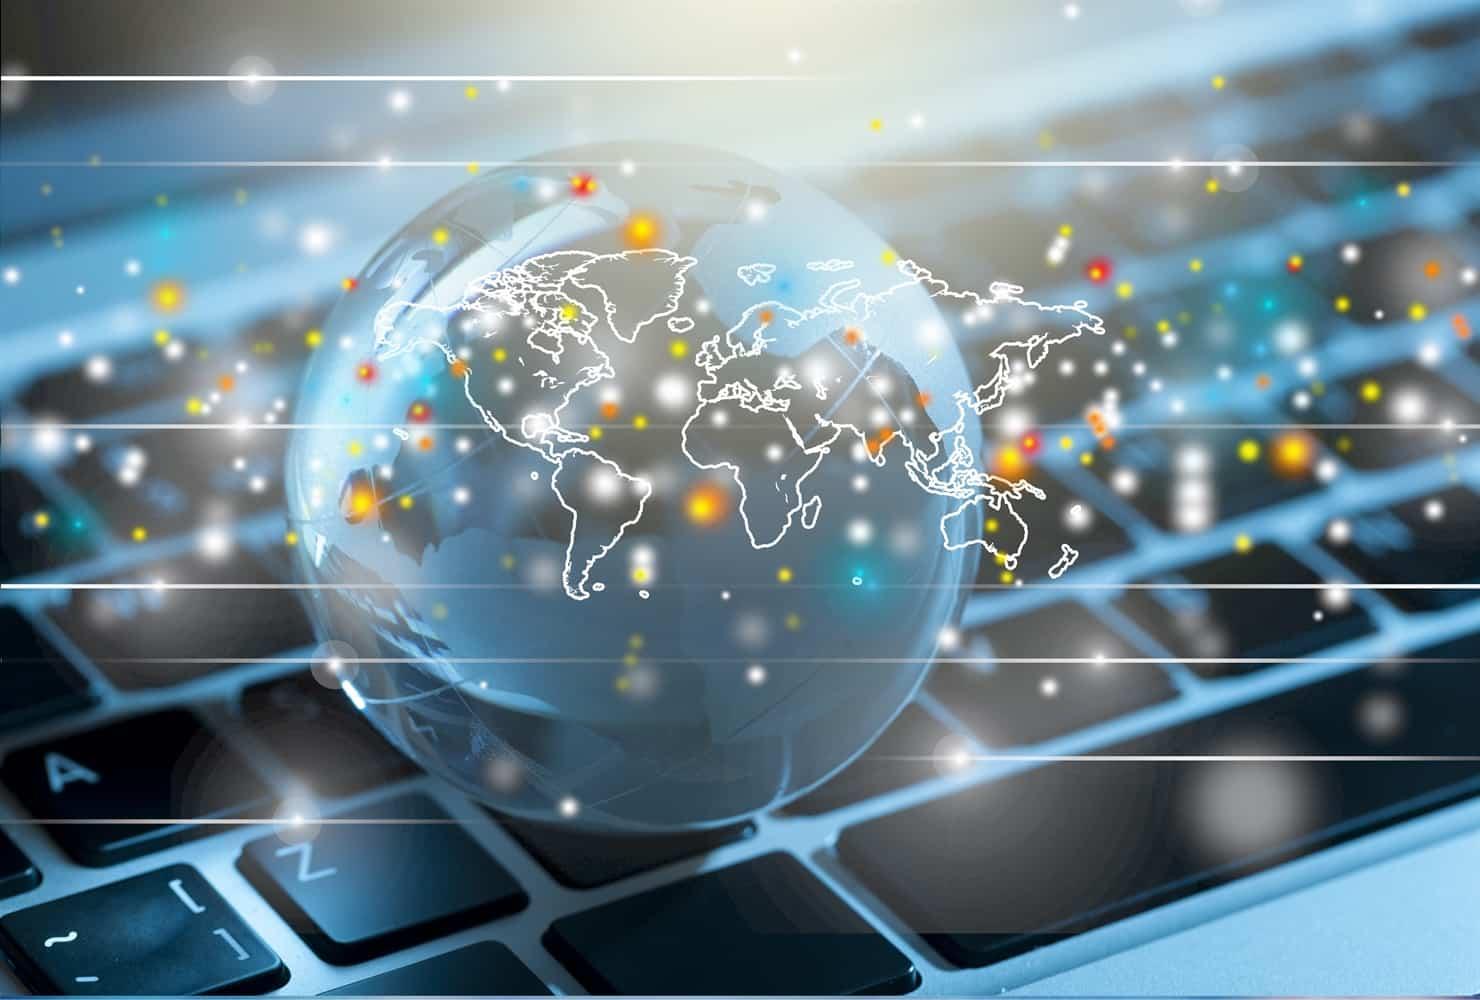 השיטות האפקטיביות ביותר לשיווק אתר אינטרנט חדש בחינם!